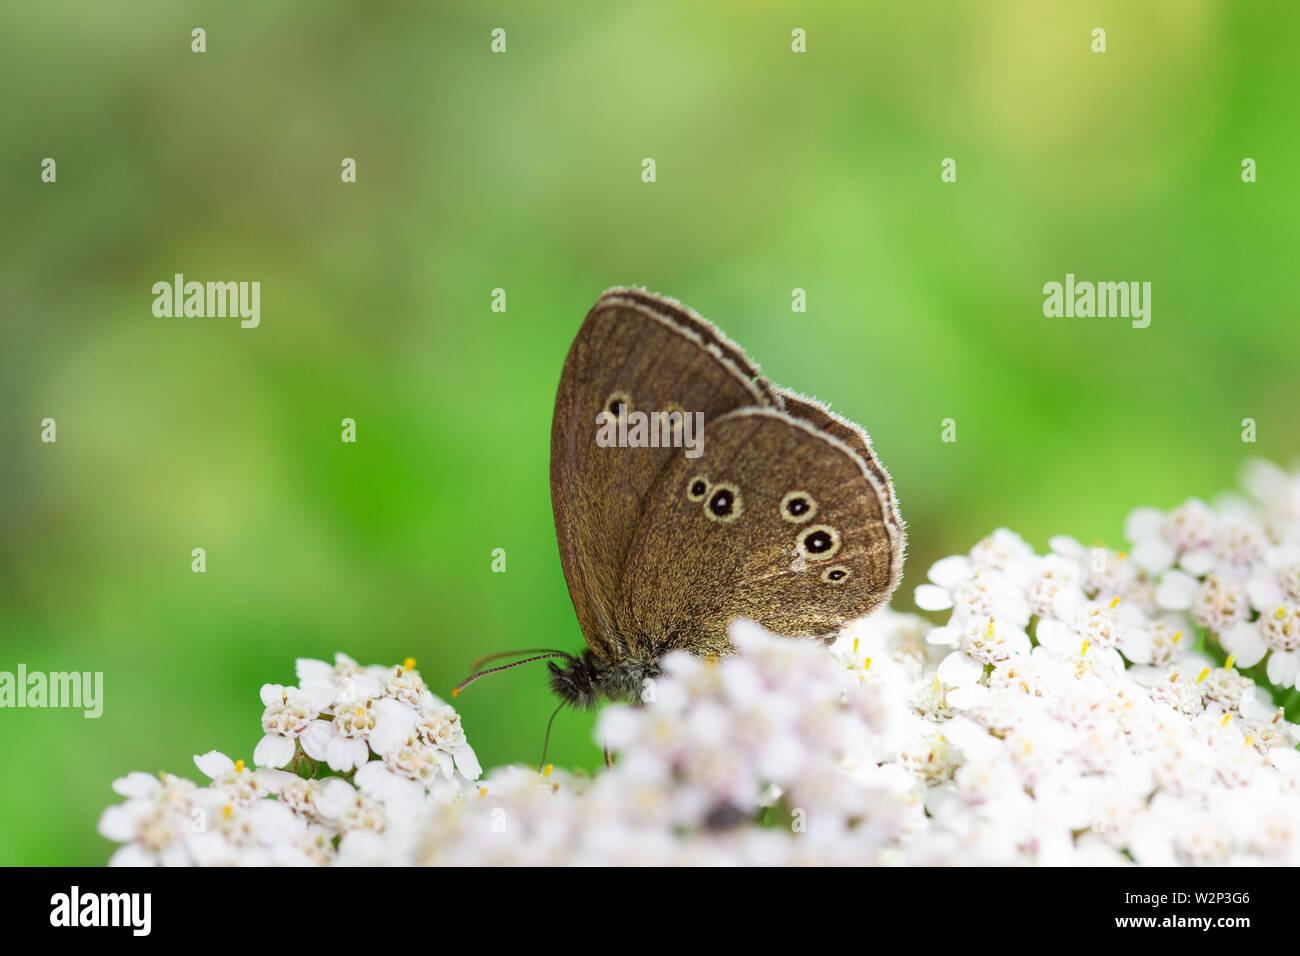 Una mariposa (Aphantopus hyperantus marrón) chupar néctar de pequeñas flores blancas sobre un fondo verde Foto de stock